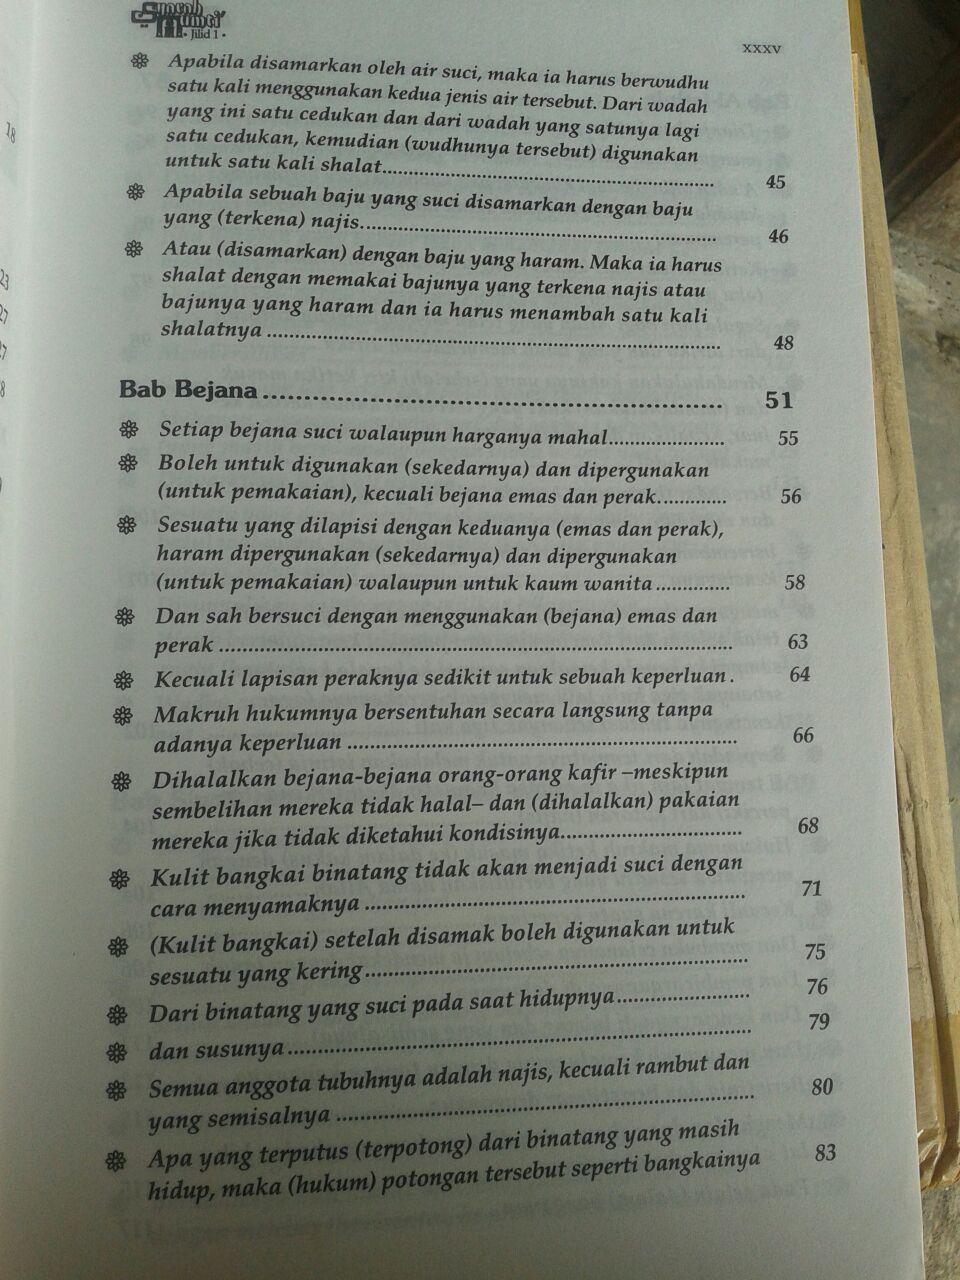 Buku Syarah Mumti' Oleh Syaikh Utsaimin 1 Set 4 Jilid isi 4